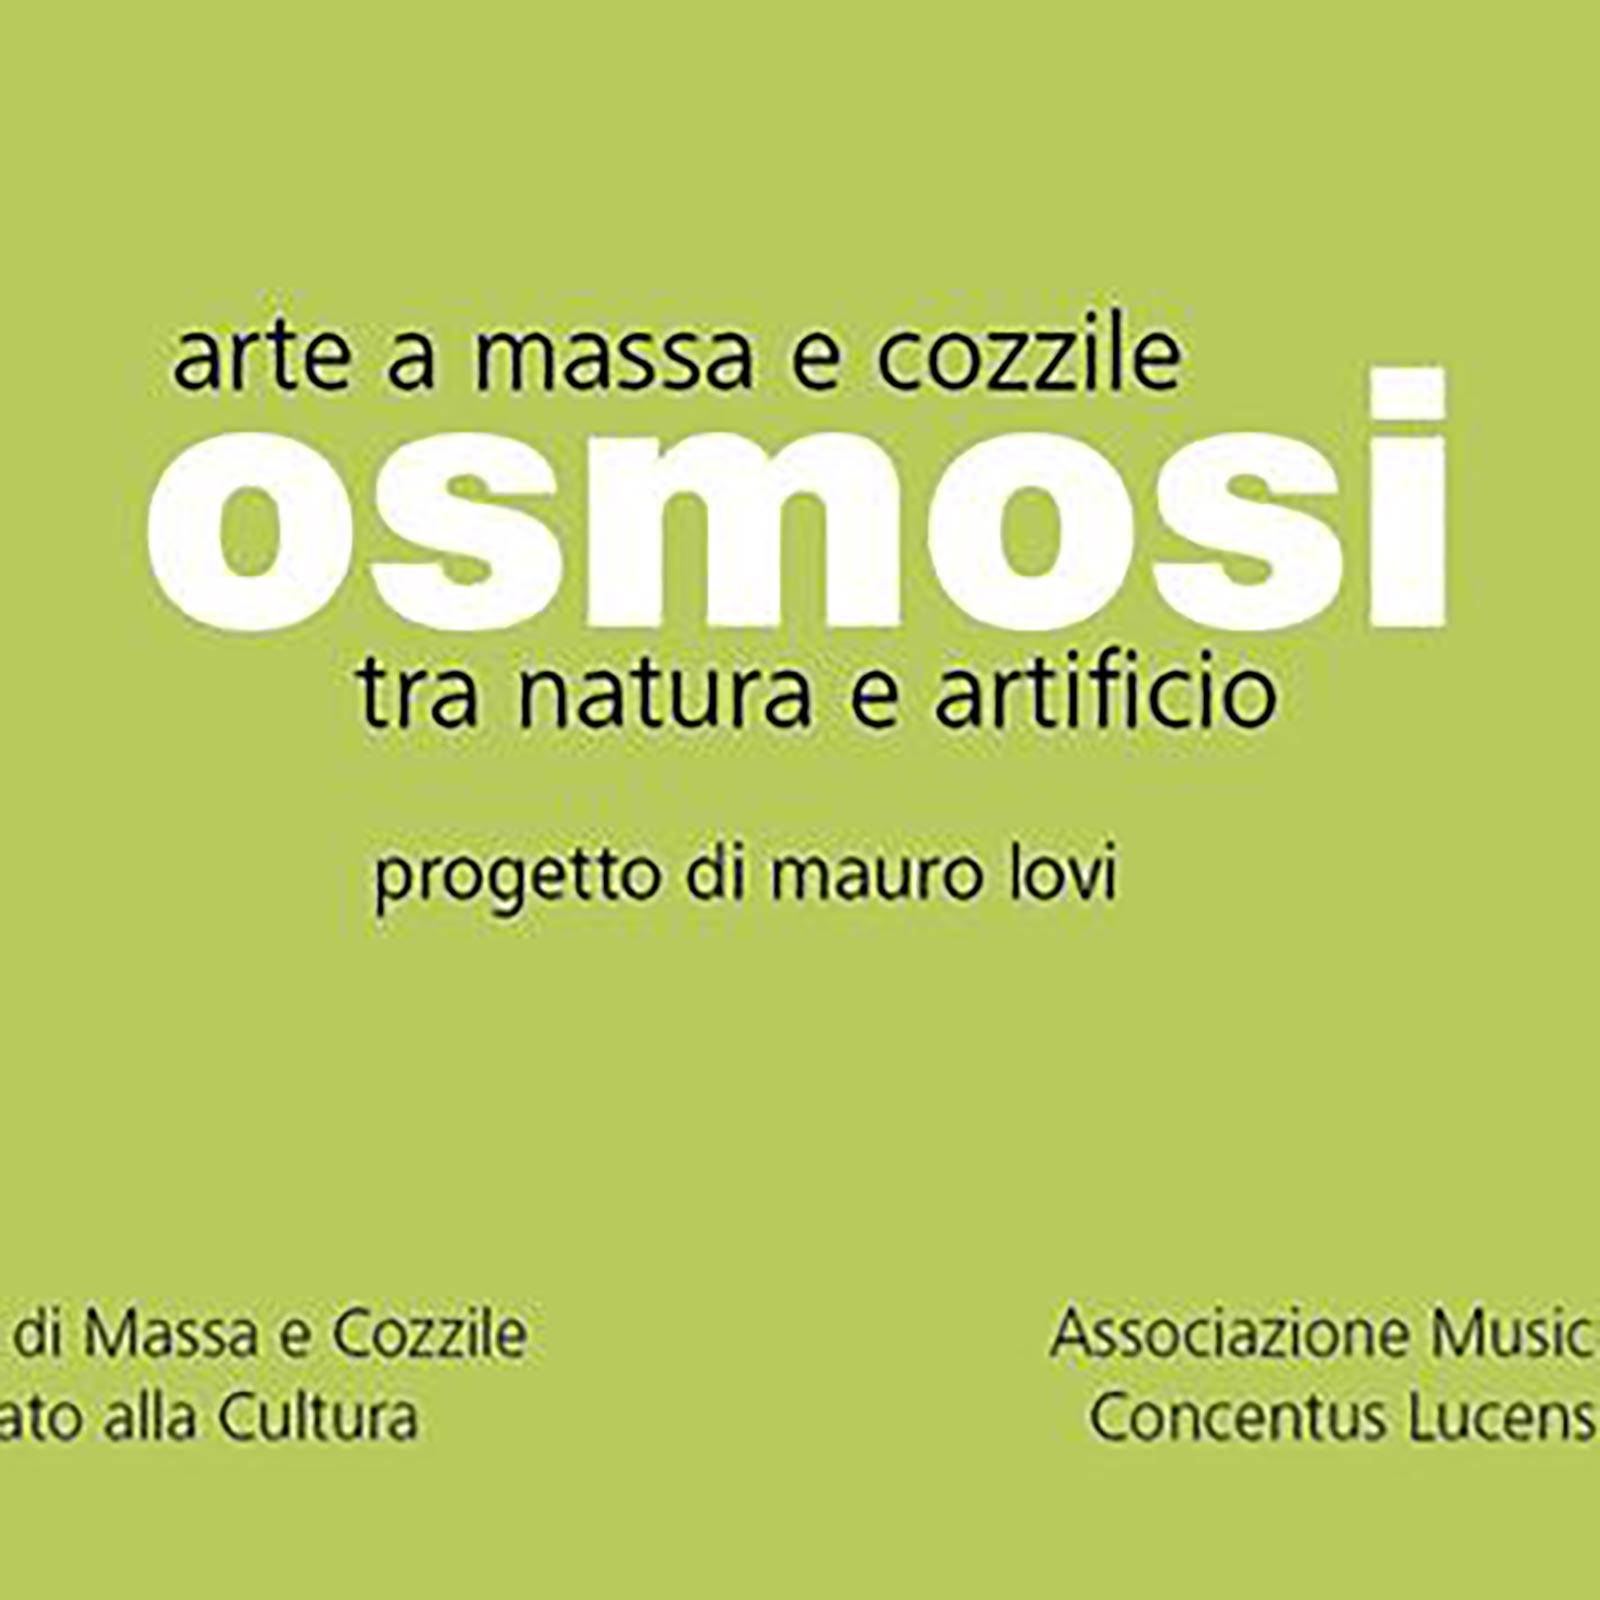 osmosi-0